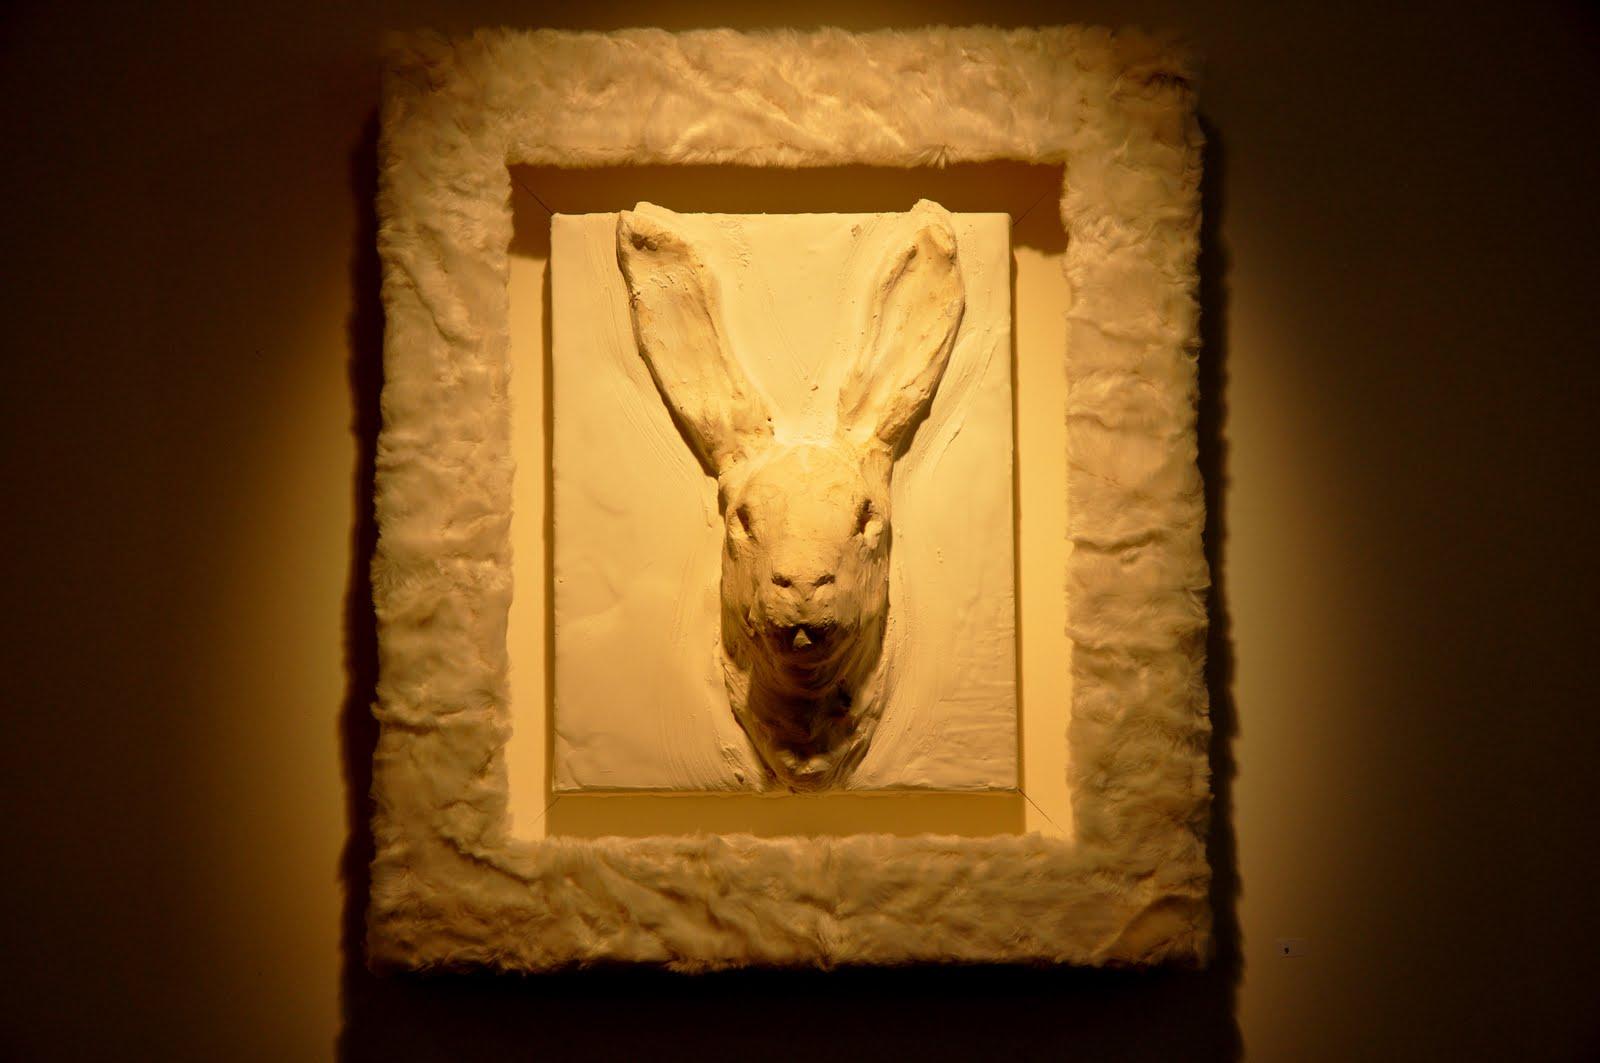 http://1.bp.blogspot.com/-eJONpAnEGNQ/TcUELvMpzxI/AAAAAAAANm4/HmUHQGhIBMs/s1600/Hare+Styling.jpg